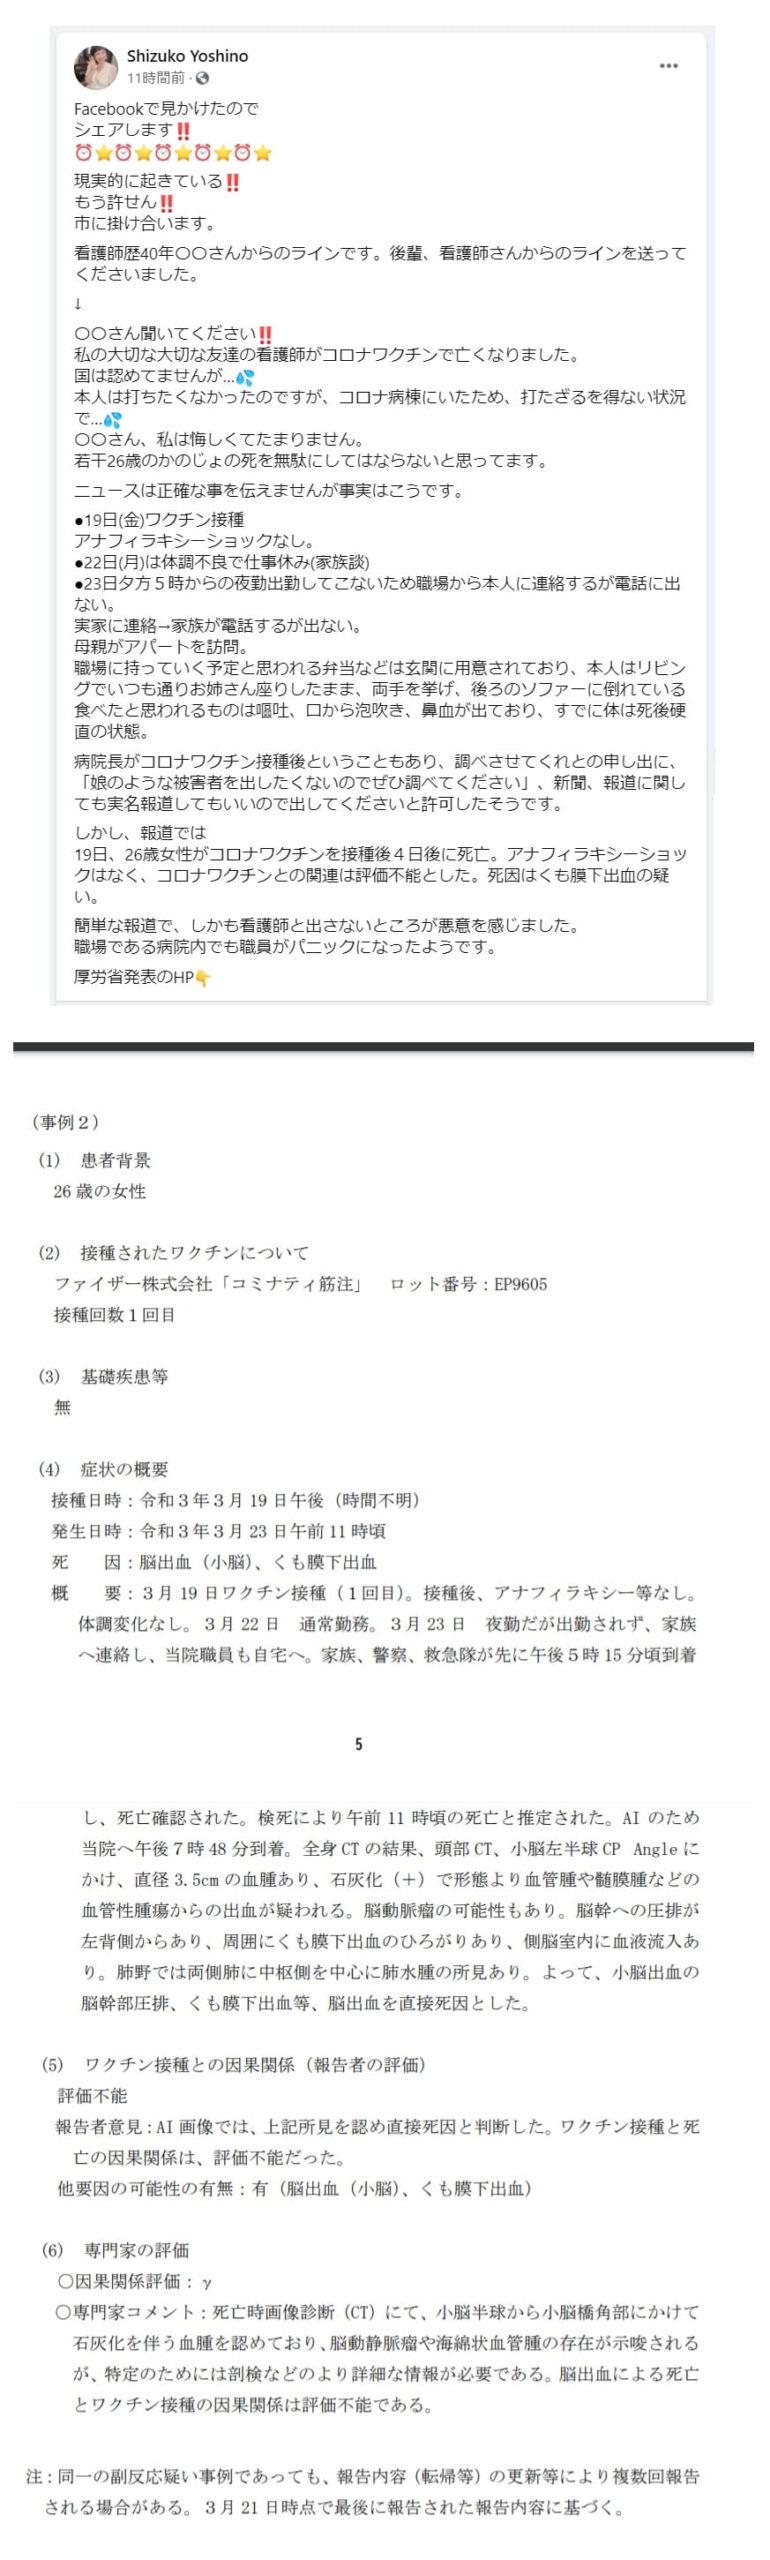 【事実確認済み】福岡県八女市公立八女総合病院の26歳看護師コロナワクチン副反応死の報道されなかった内容